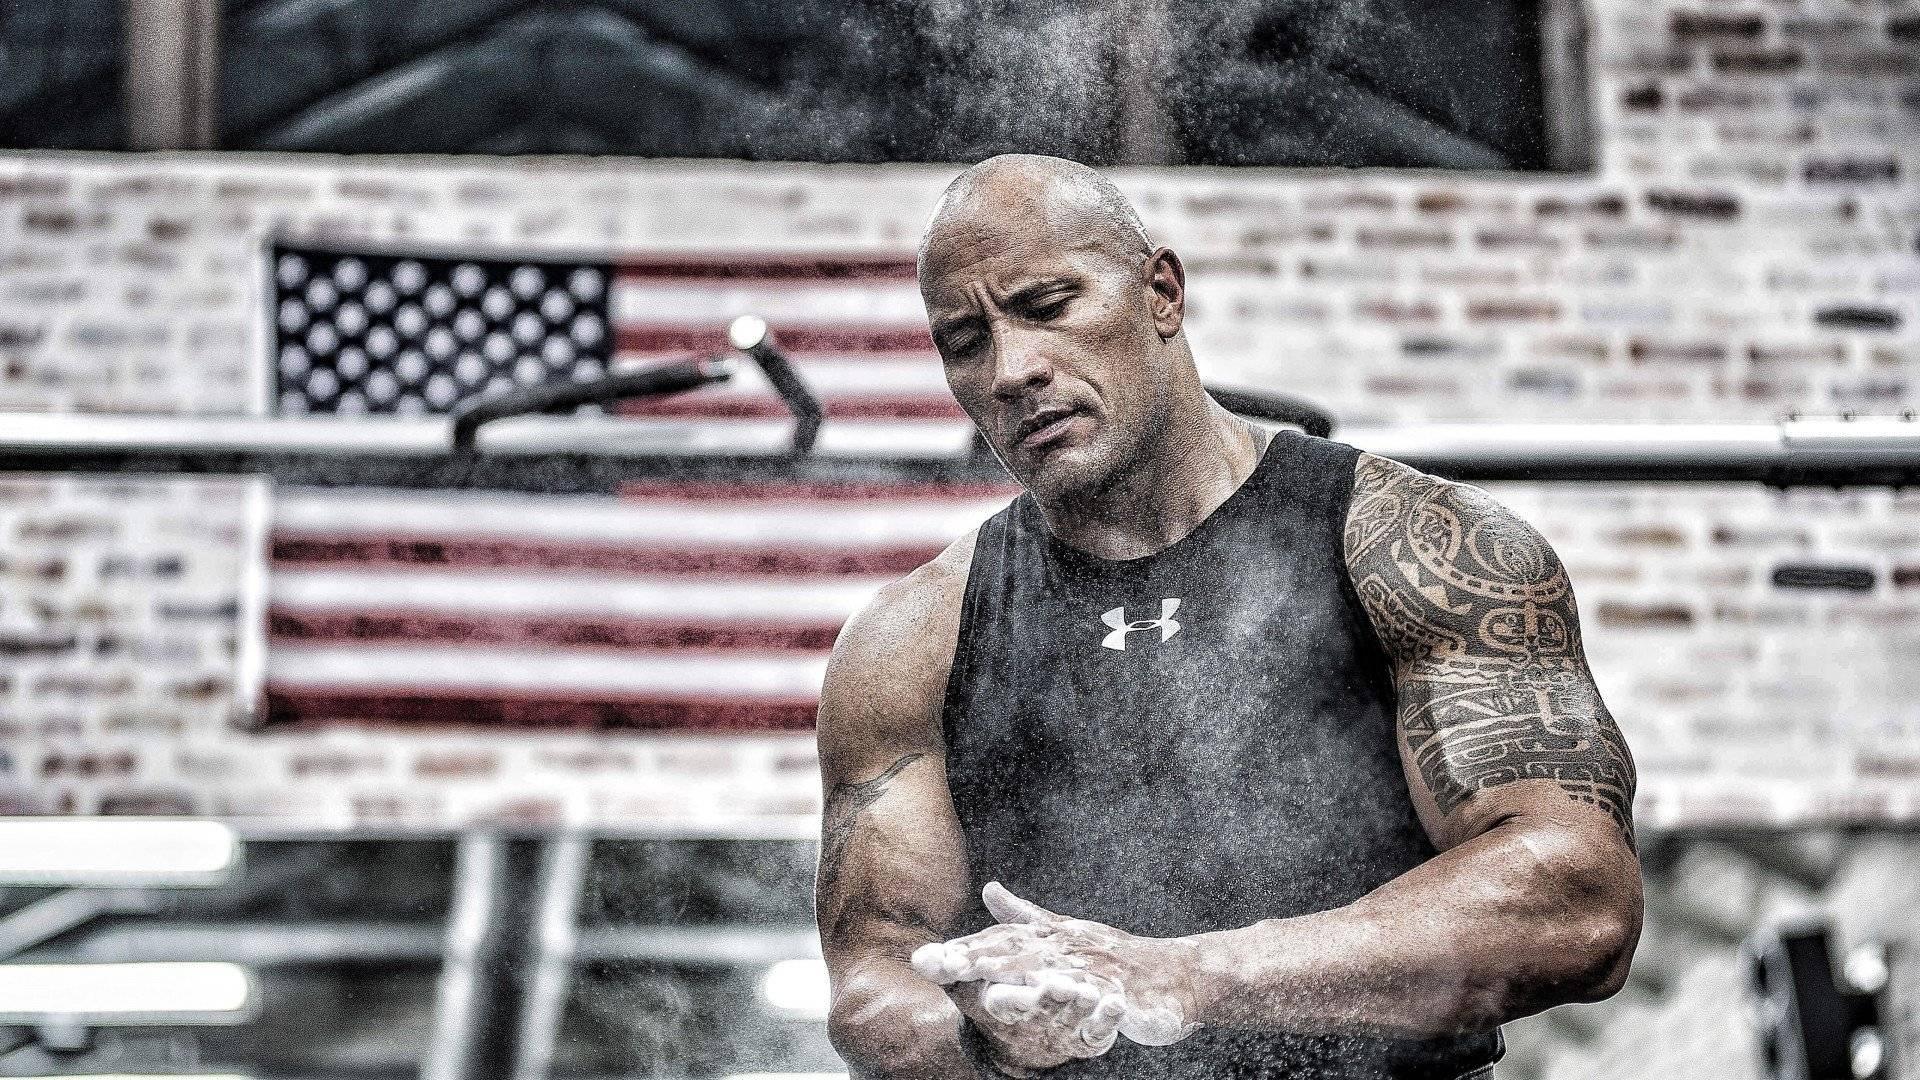 Тренировки дуэйна джонсона и его система питания для поддержания хорошей физической формы